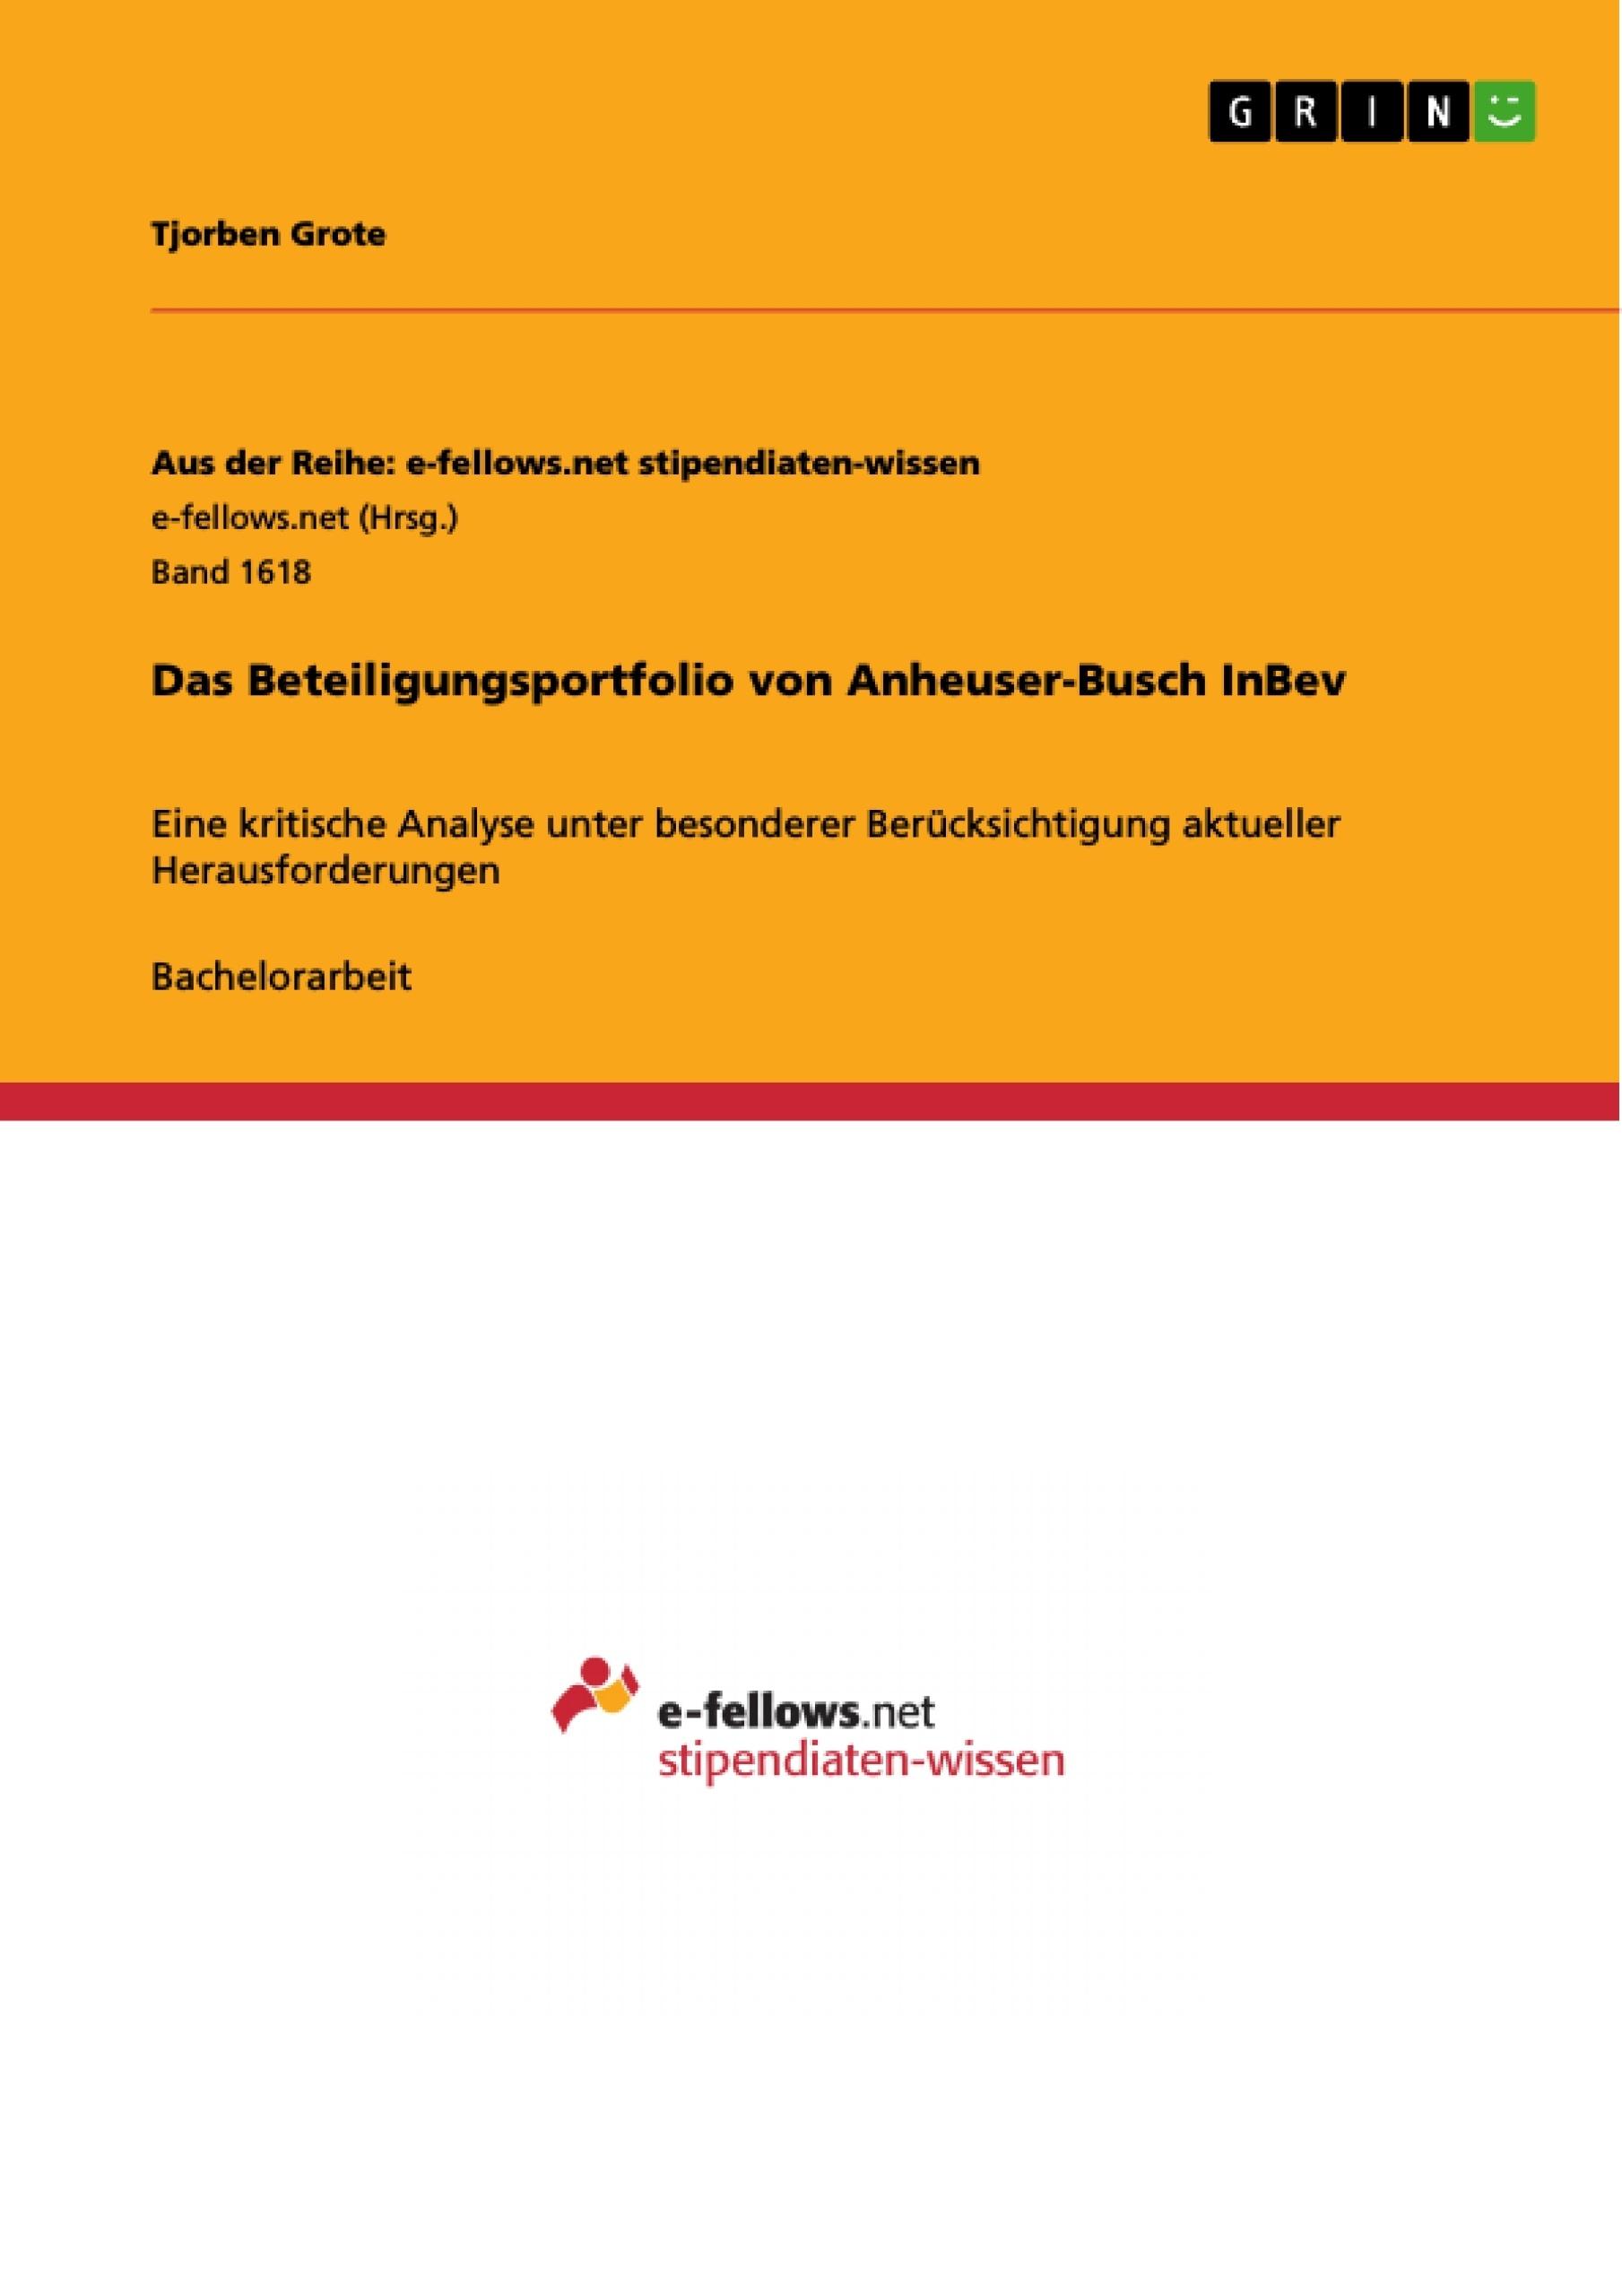 Titel: Das Beteiligungsportfolio von Anheuser-Busch InBev